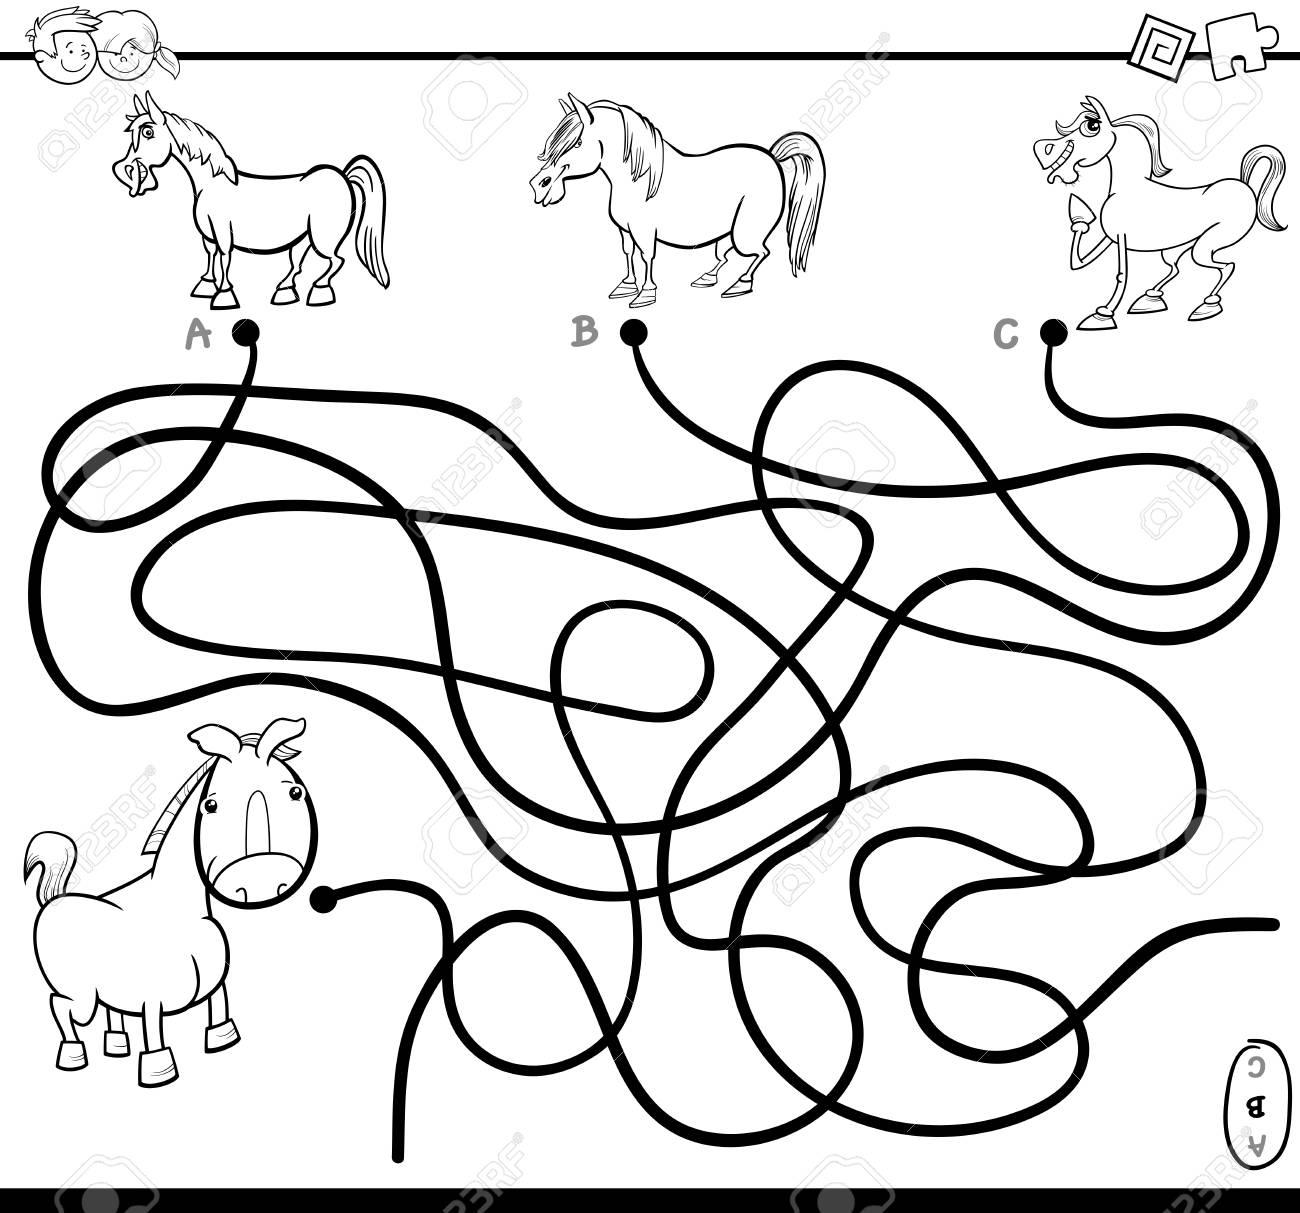 Ilustración De Dibujos Animados En Blanco Y Negro De Las Trayectorias O Del Laberinto Juego De Actividad Del Rompecabezas Con El Potro Y Los Caballos